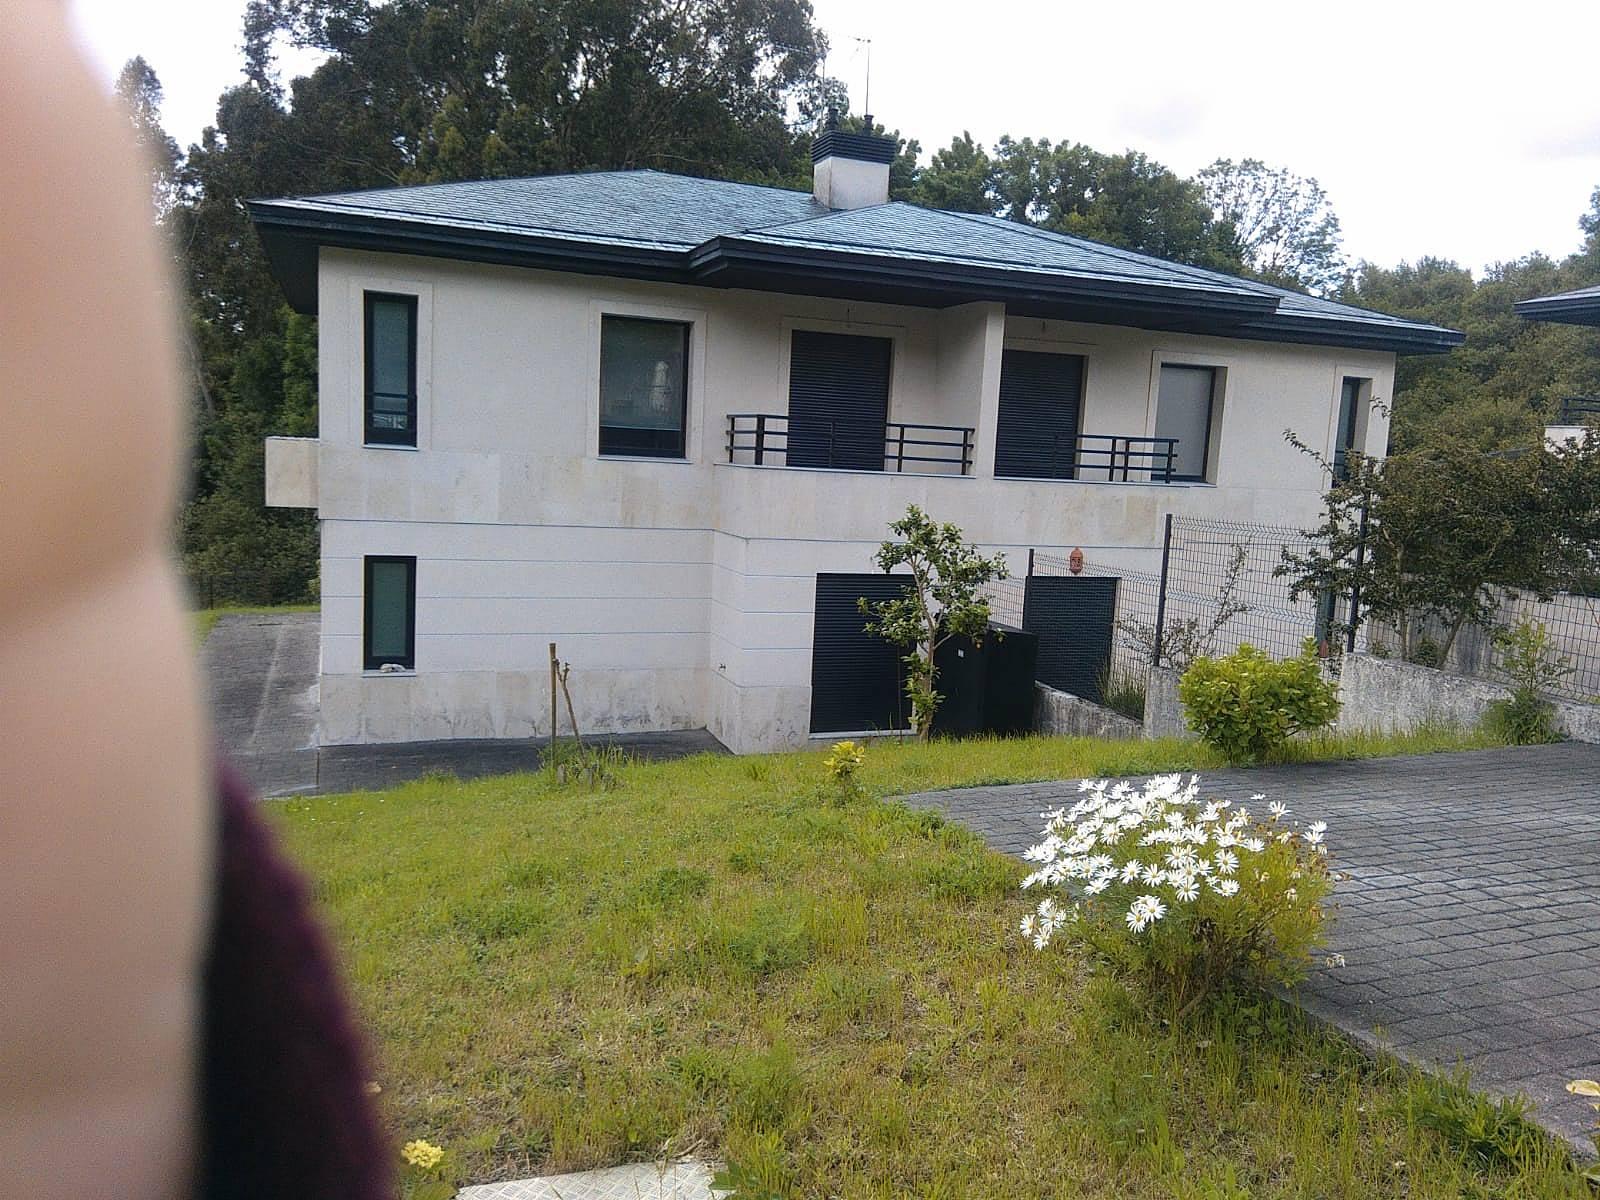 Alquiler Apartamentos Vacacionales En Limodre Santa Olalla Fene